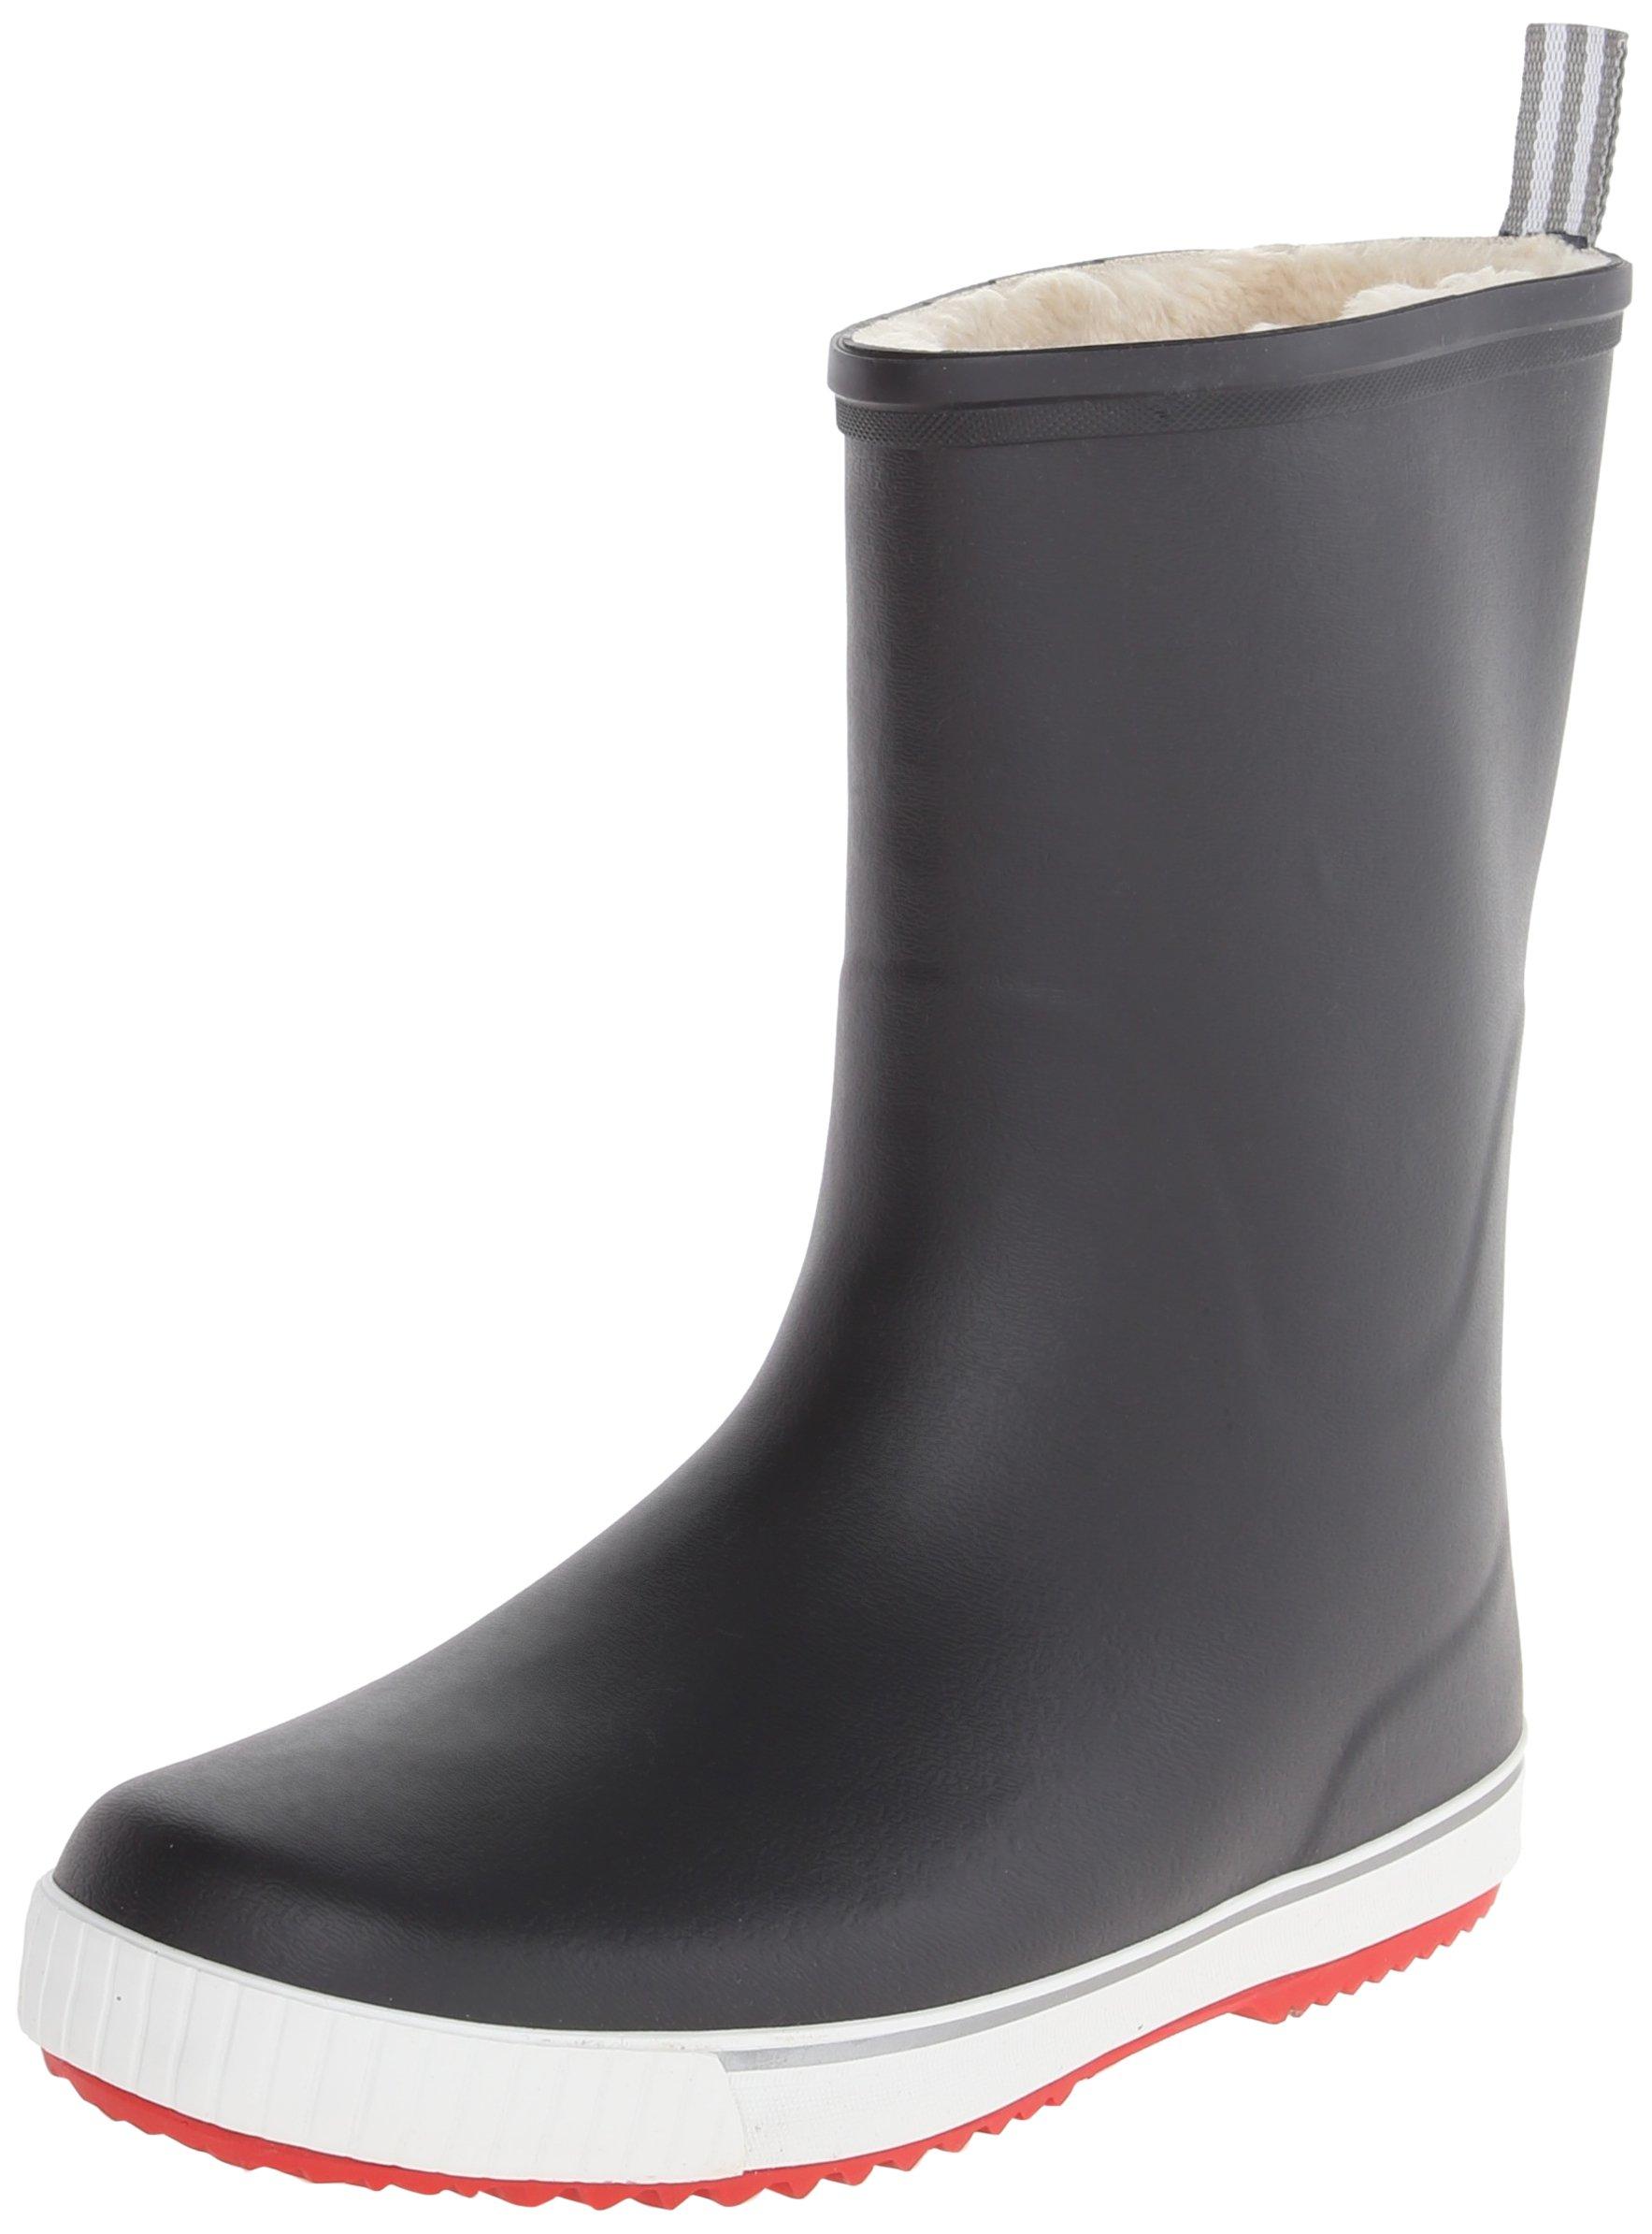 Tretorn Women's Wings Vinter Rain Shoe, Black, 38 EU/7 M US